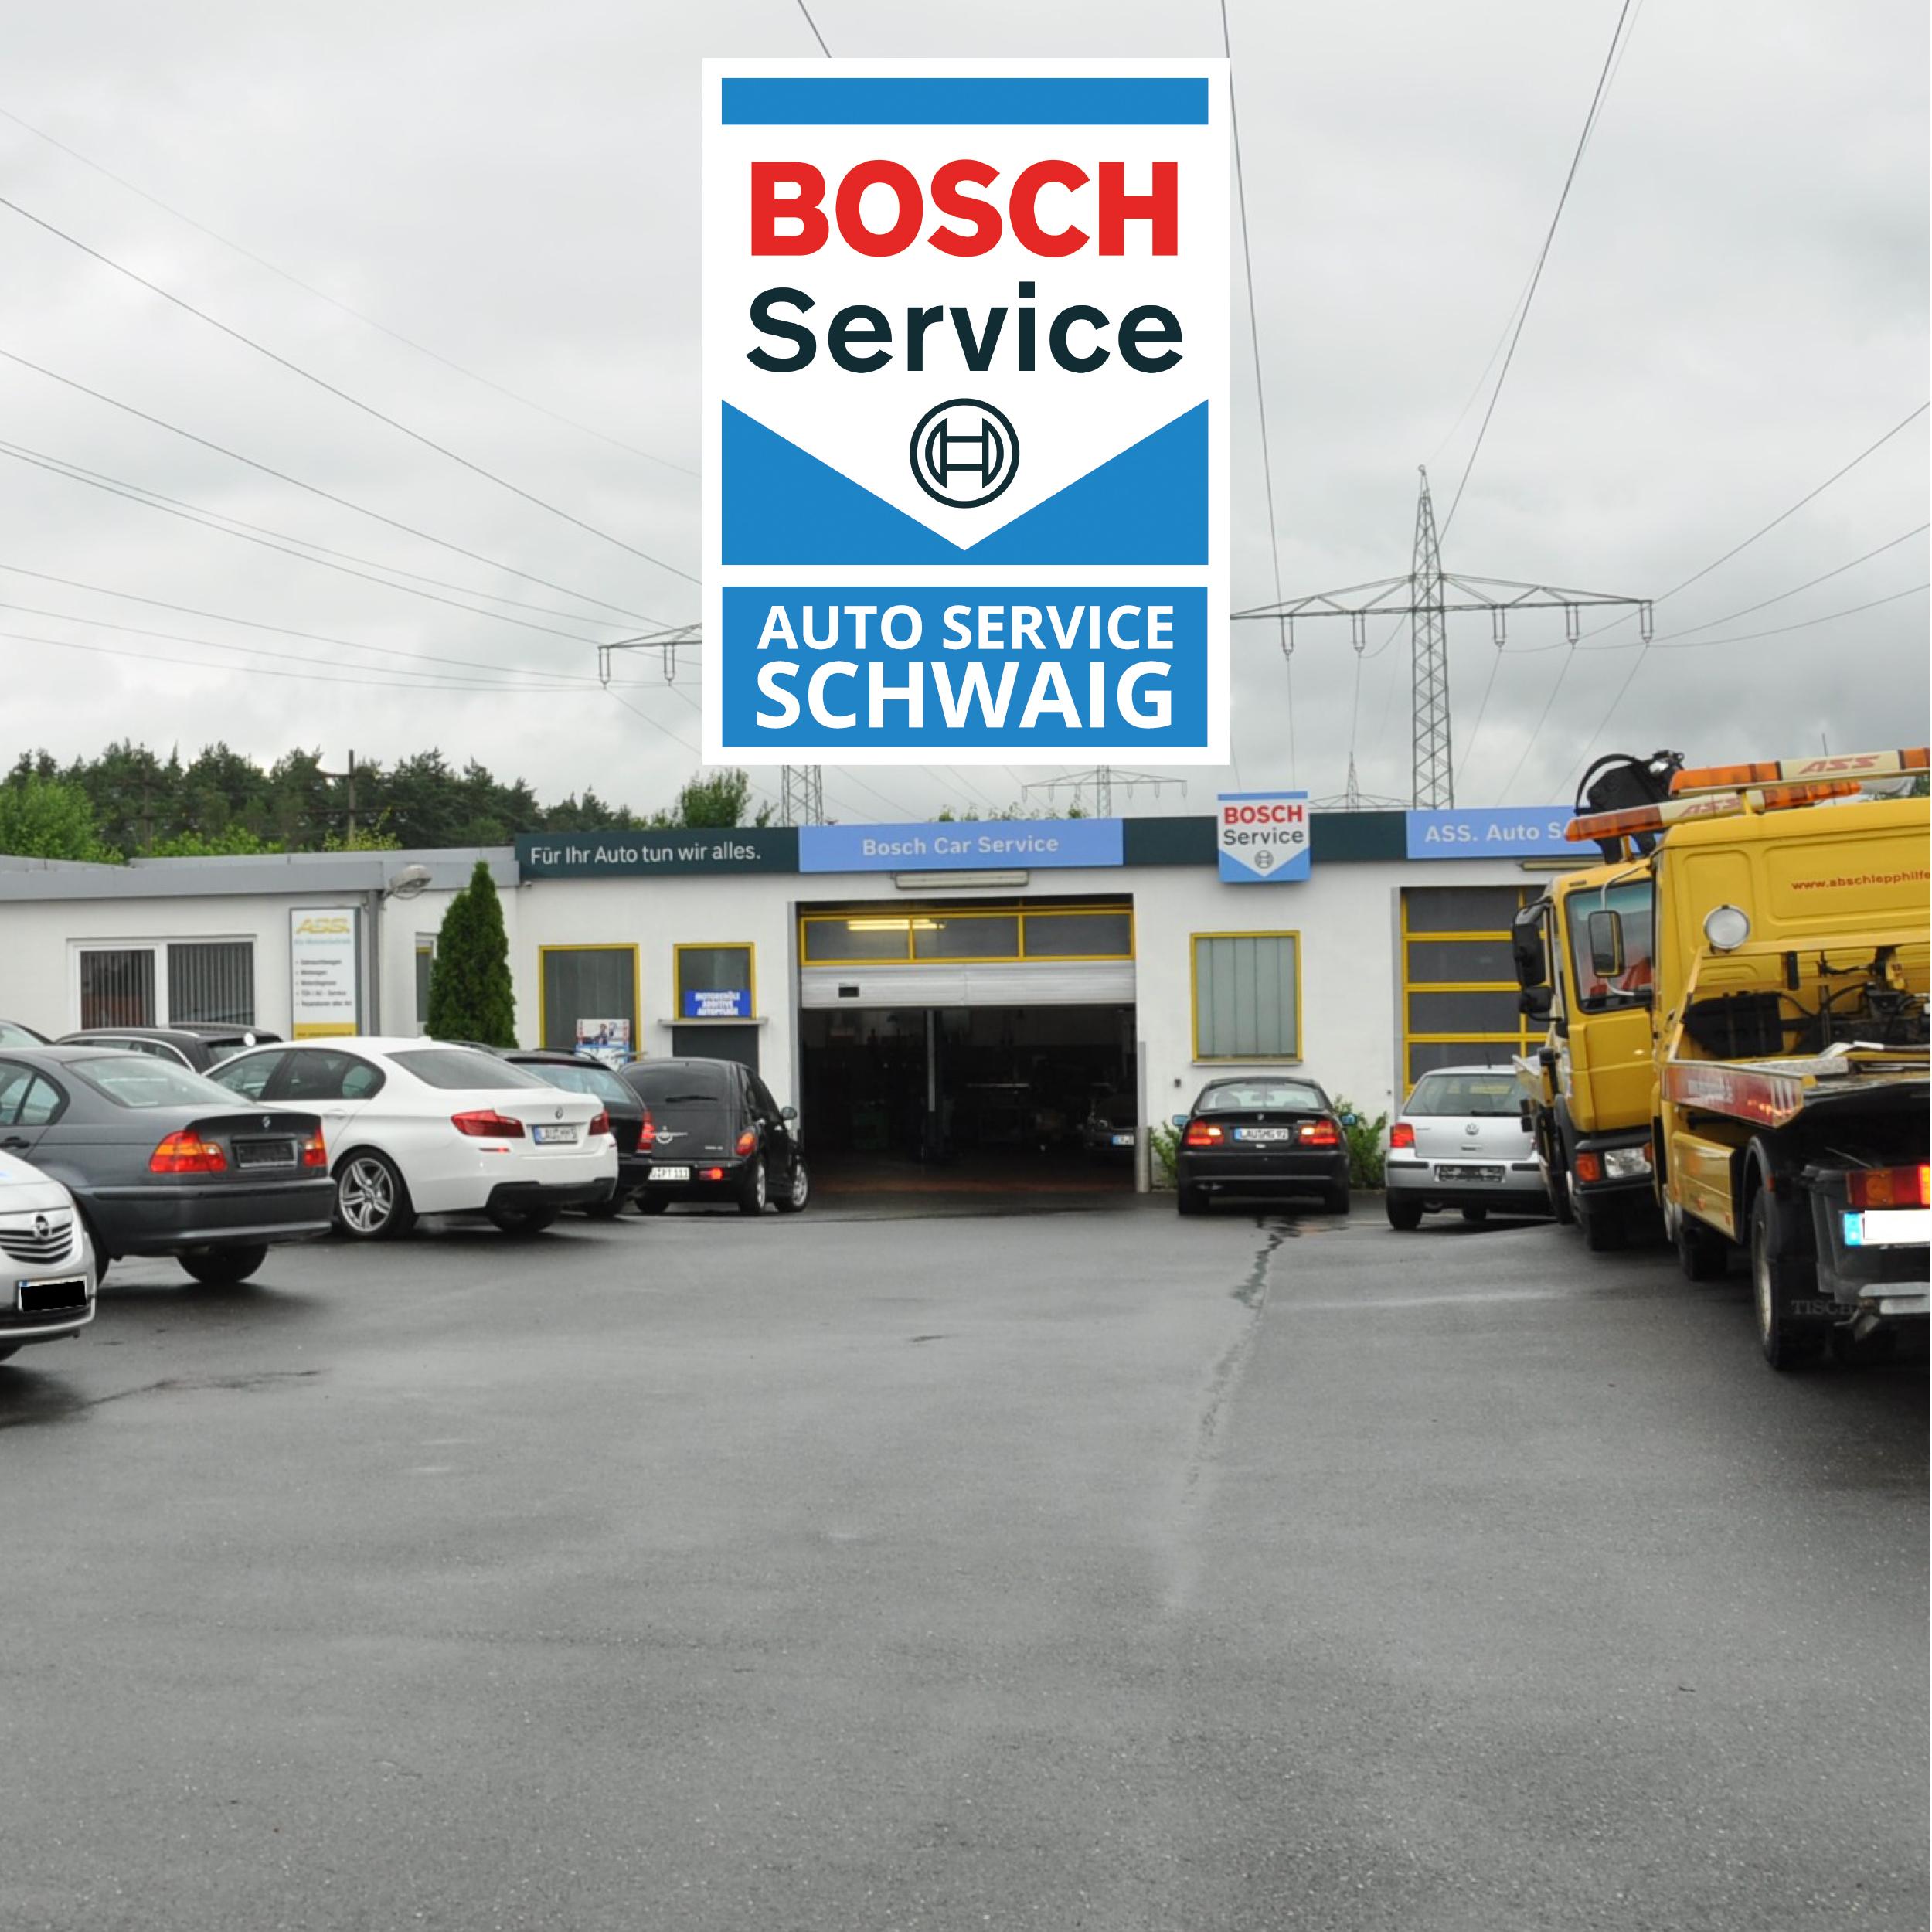 Bosch Car Service Schwaig